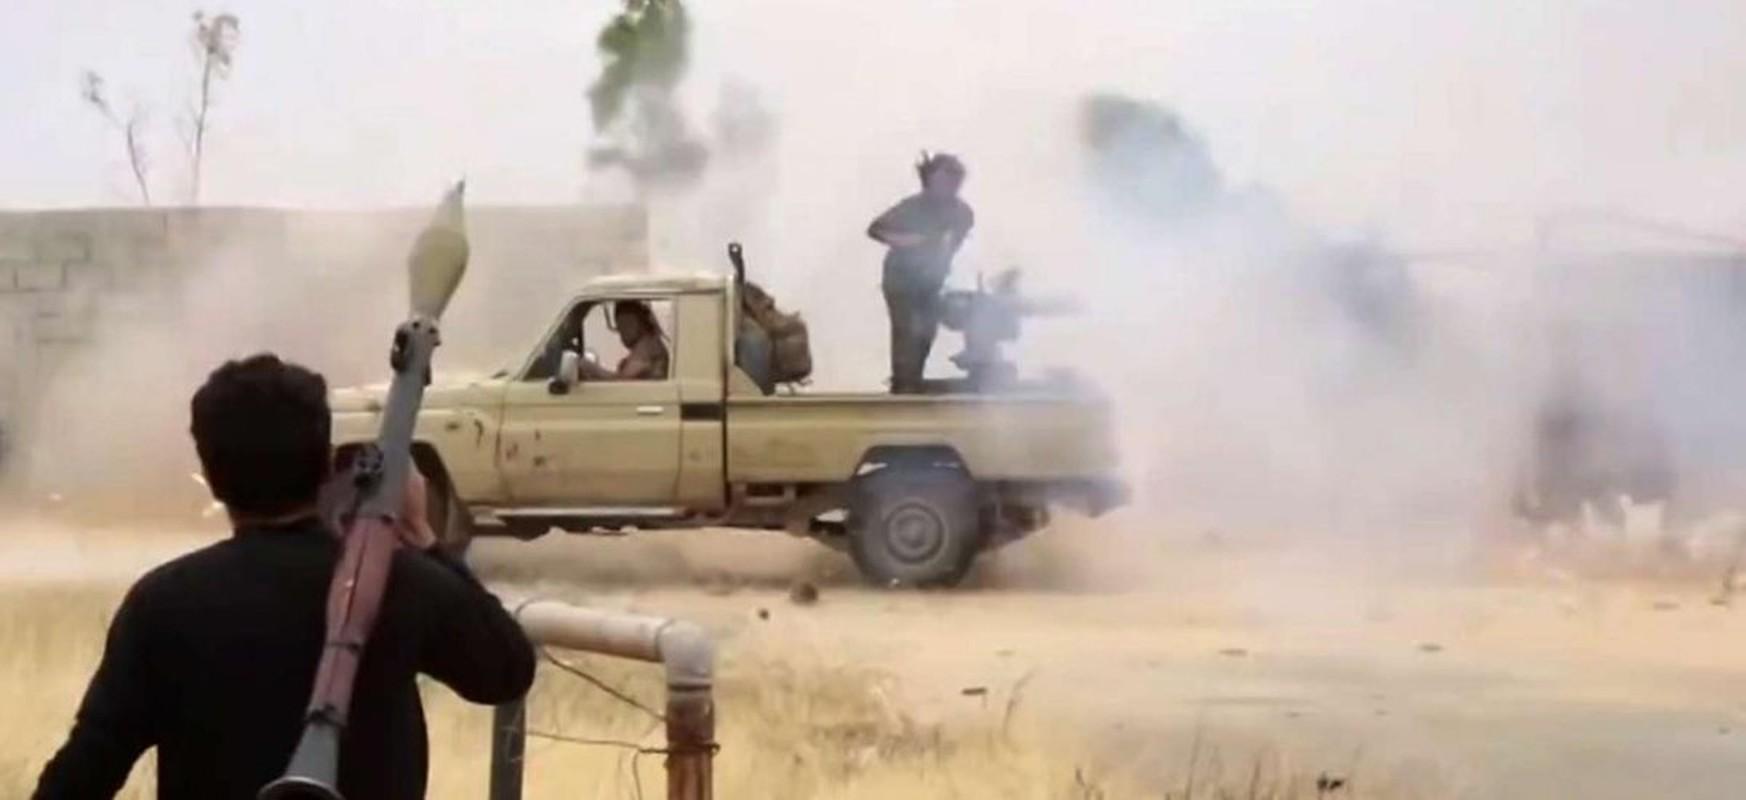 Chien su Libya: Tho Nhi Ky bi canh bao vi chong lung cho GNA-Hinh-6